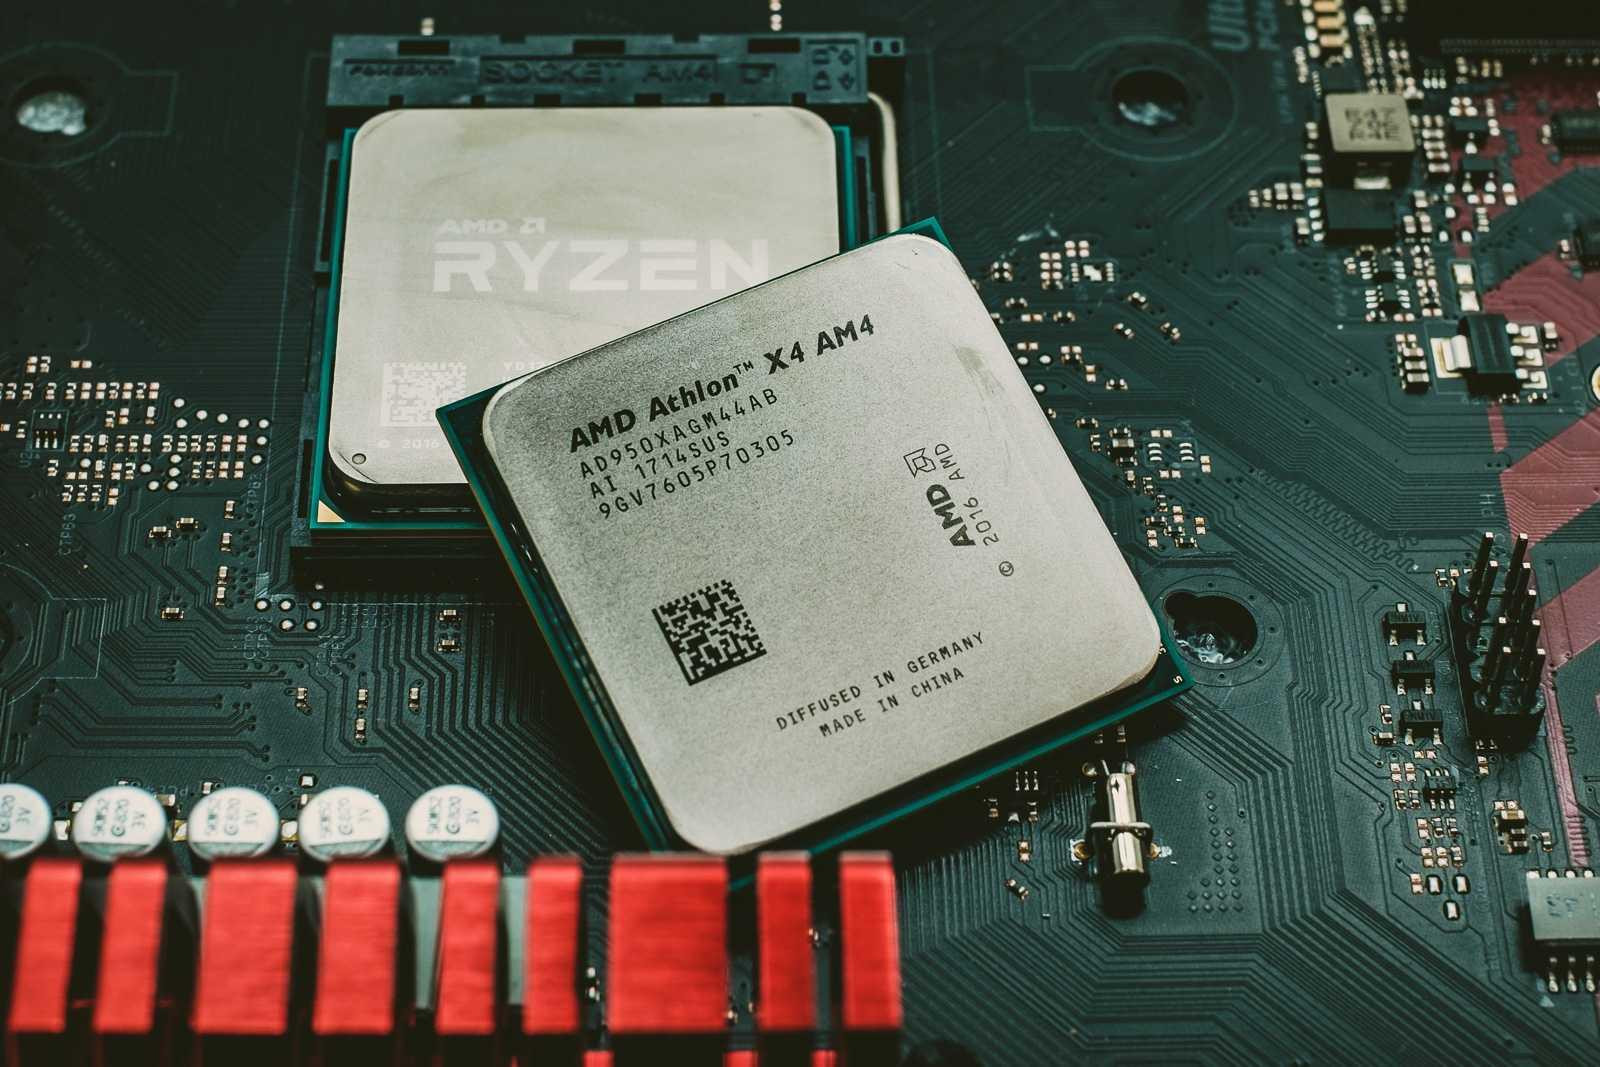 Лучшие ноутбуки с процессором amd ryzen в 2020—2021 году